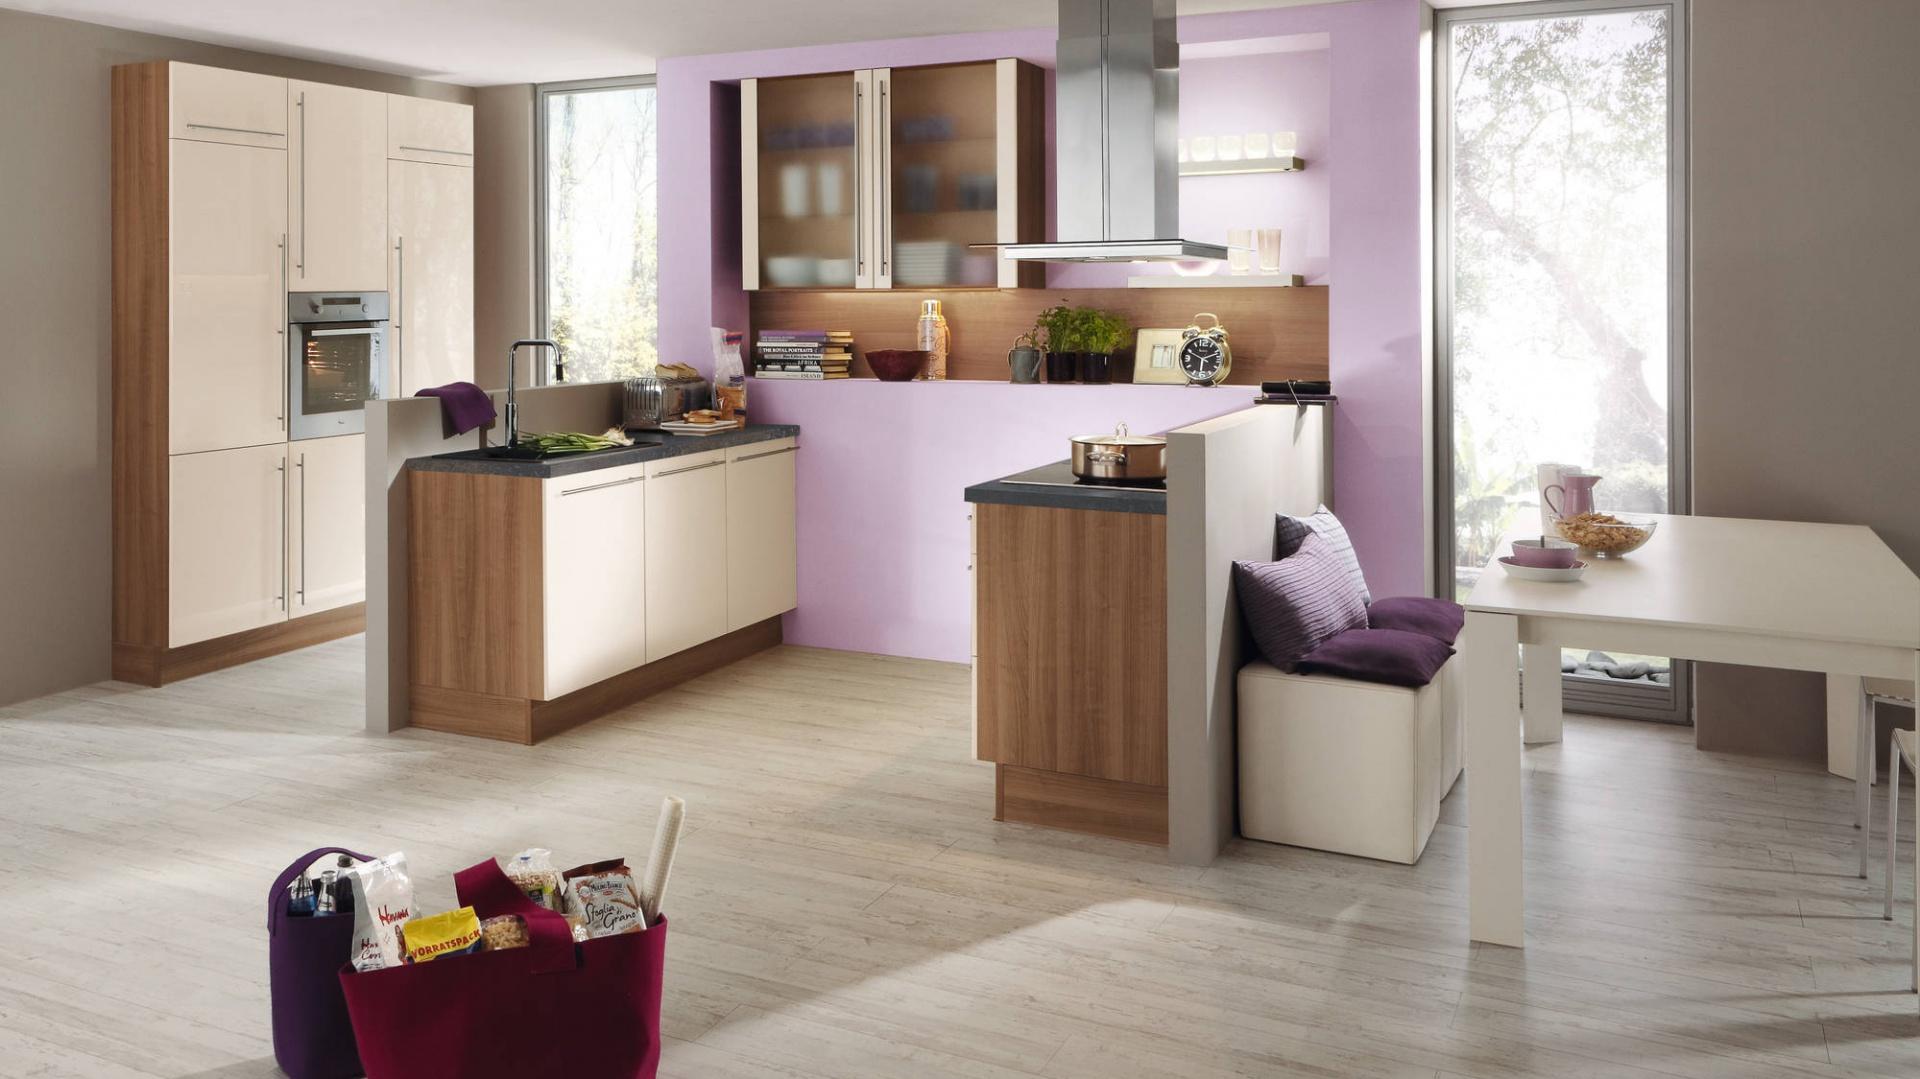 Kolor W Kuchni Wybierz Modny Fiolet Najpiękniejsze Wnętrza